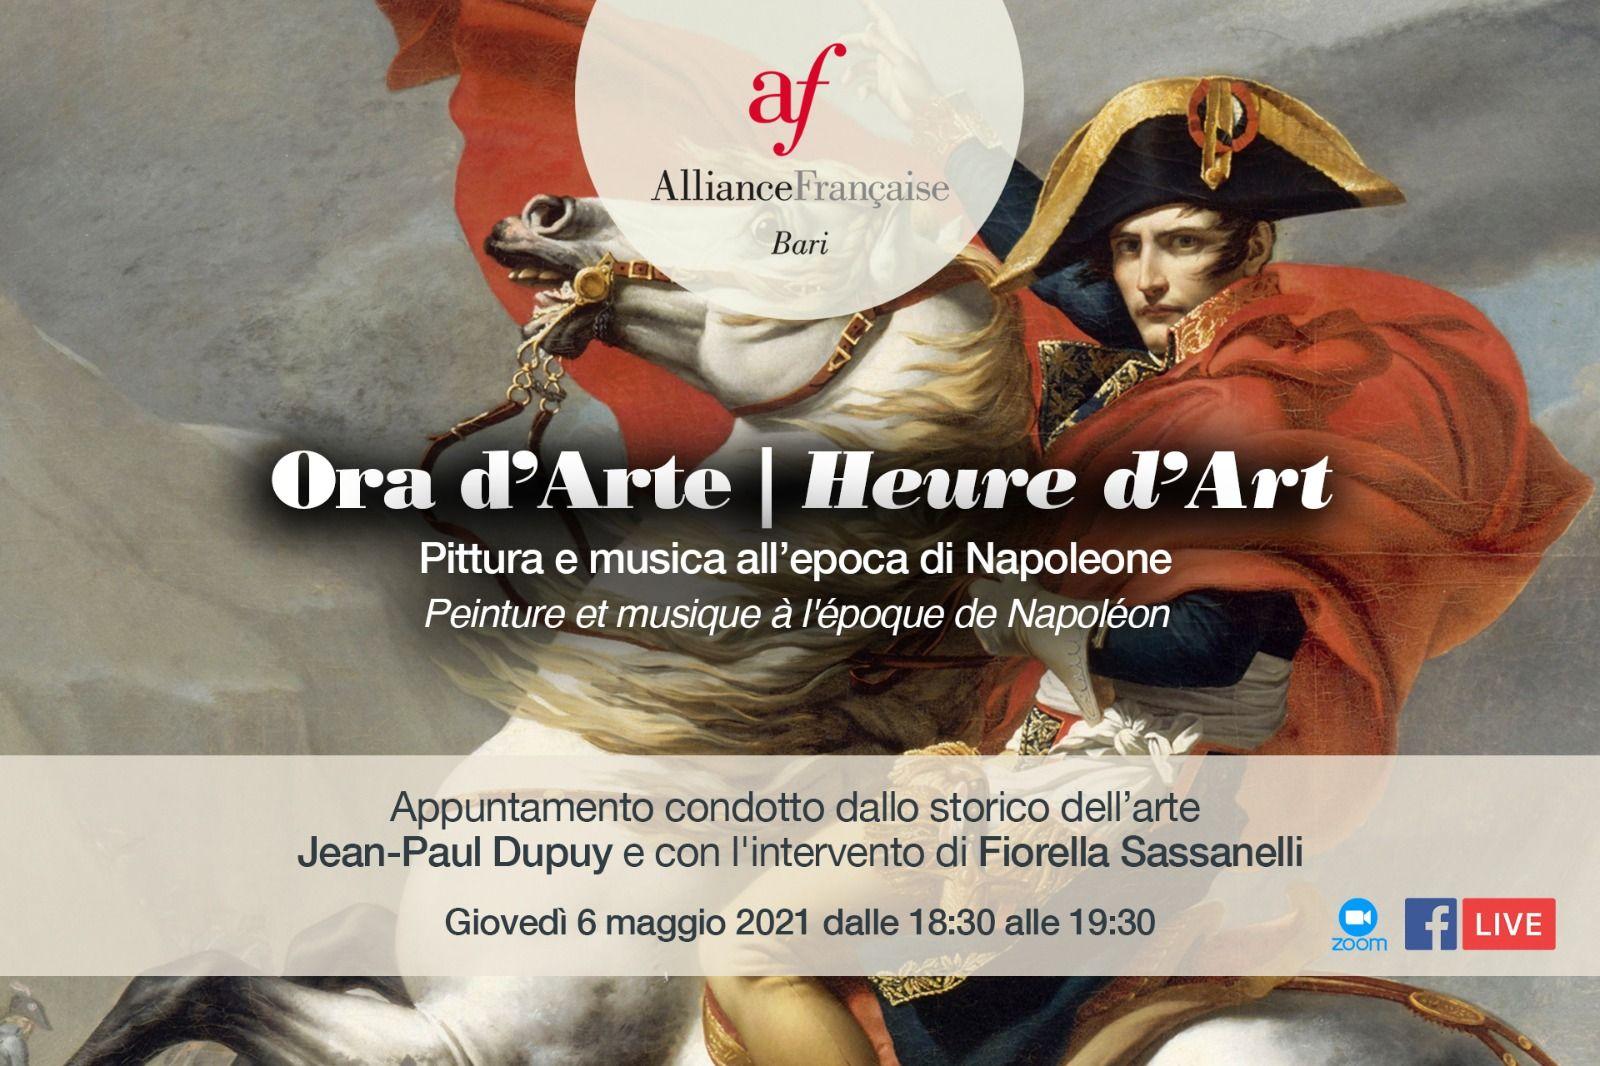 Ora d'Arte | Heure d'Art – Edizione speciale